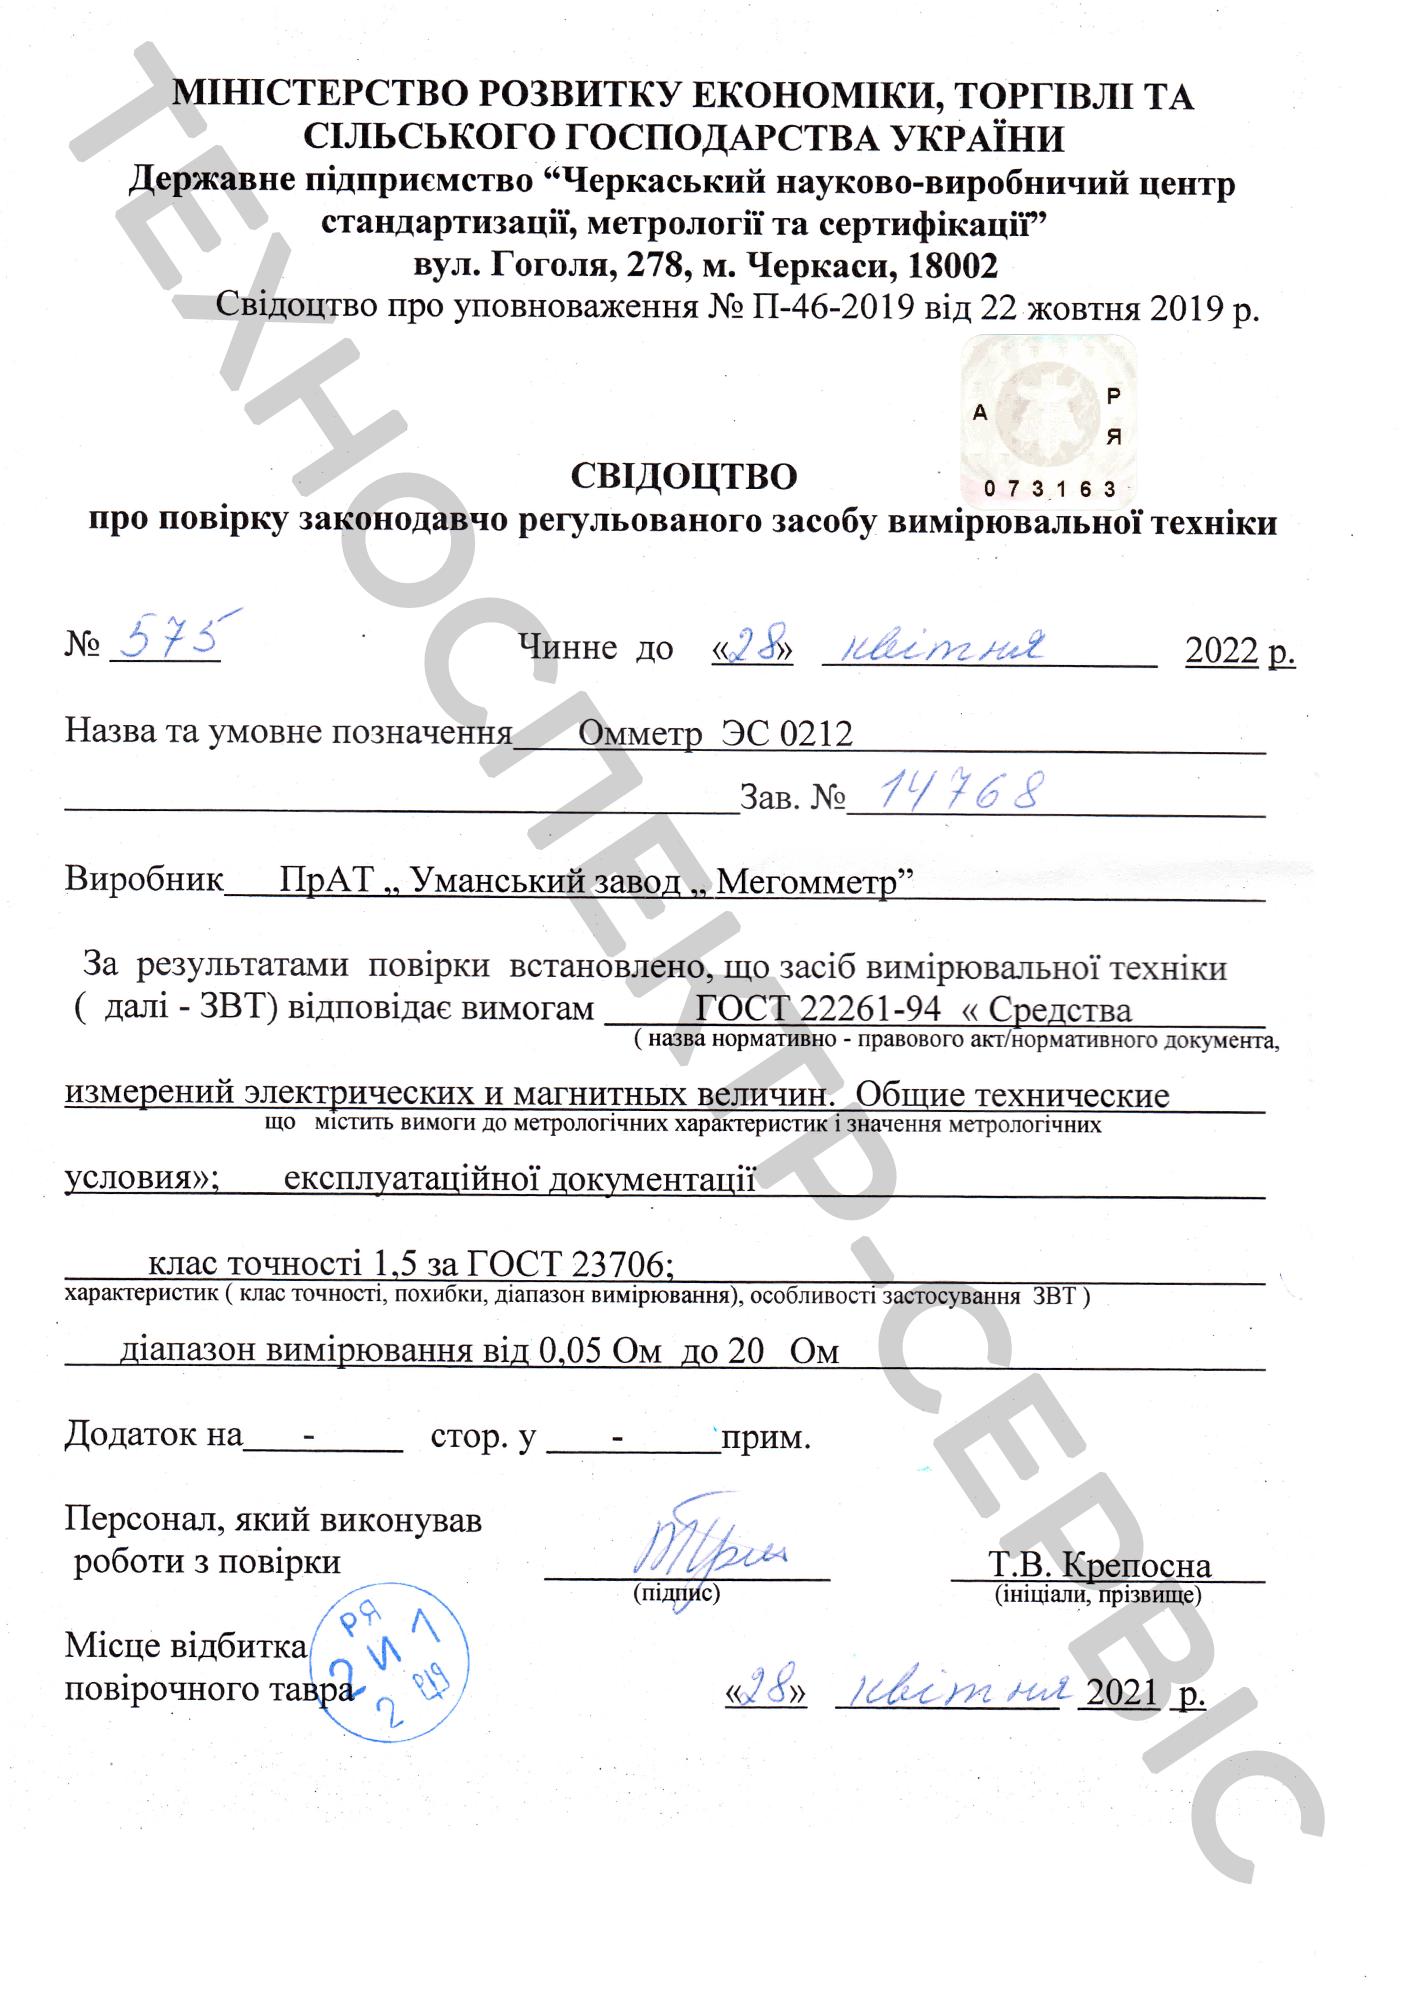 Свідоцтво-про-повірку-(омметр-ЭС-0212)-Техноспектр-Сервіс,-2021-2022-рр..-превью